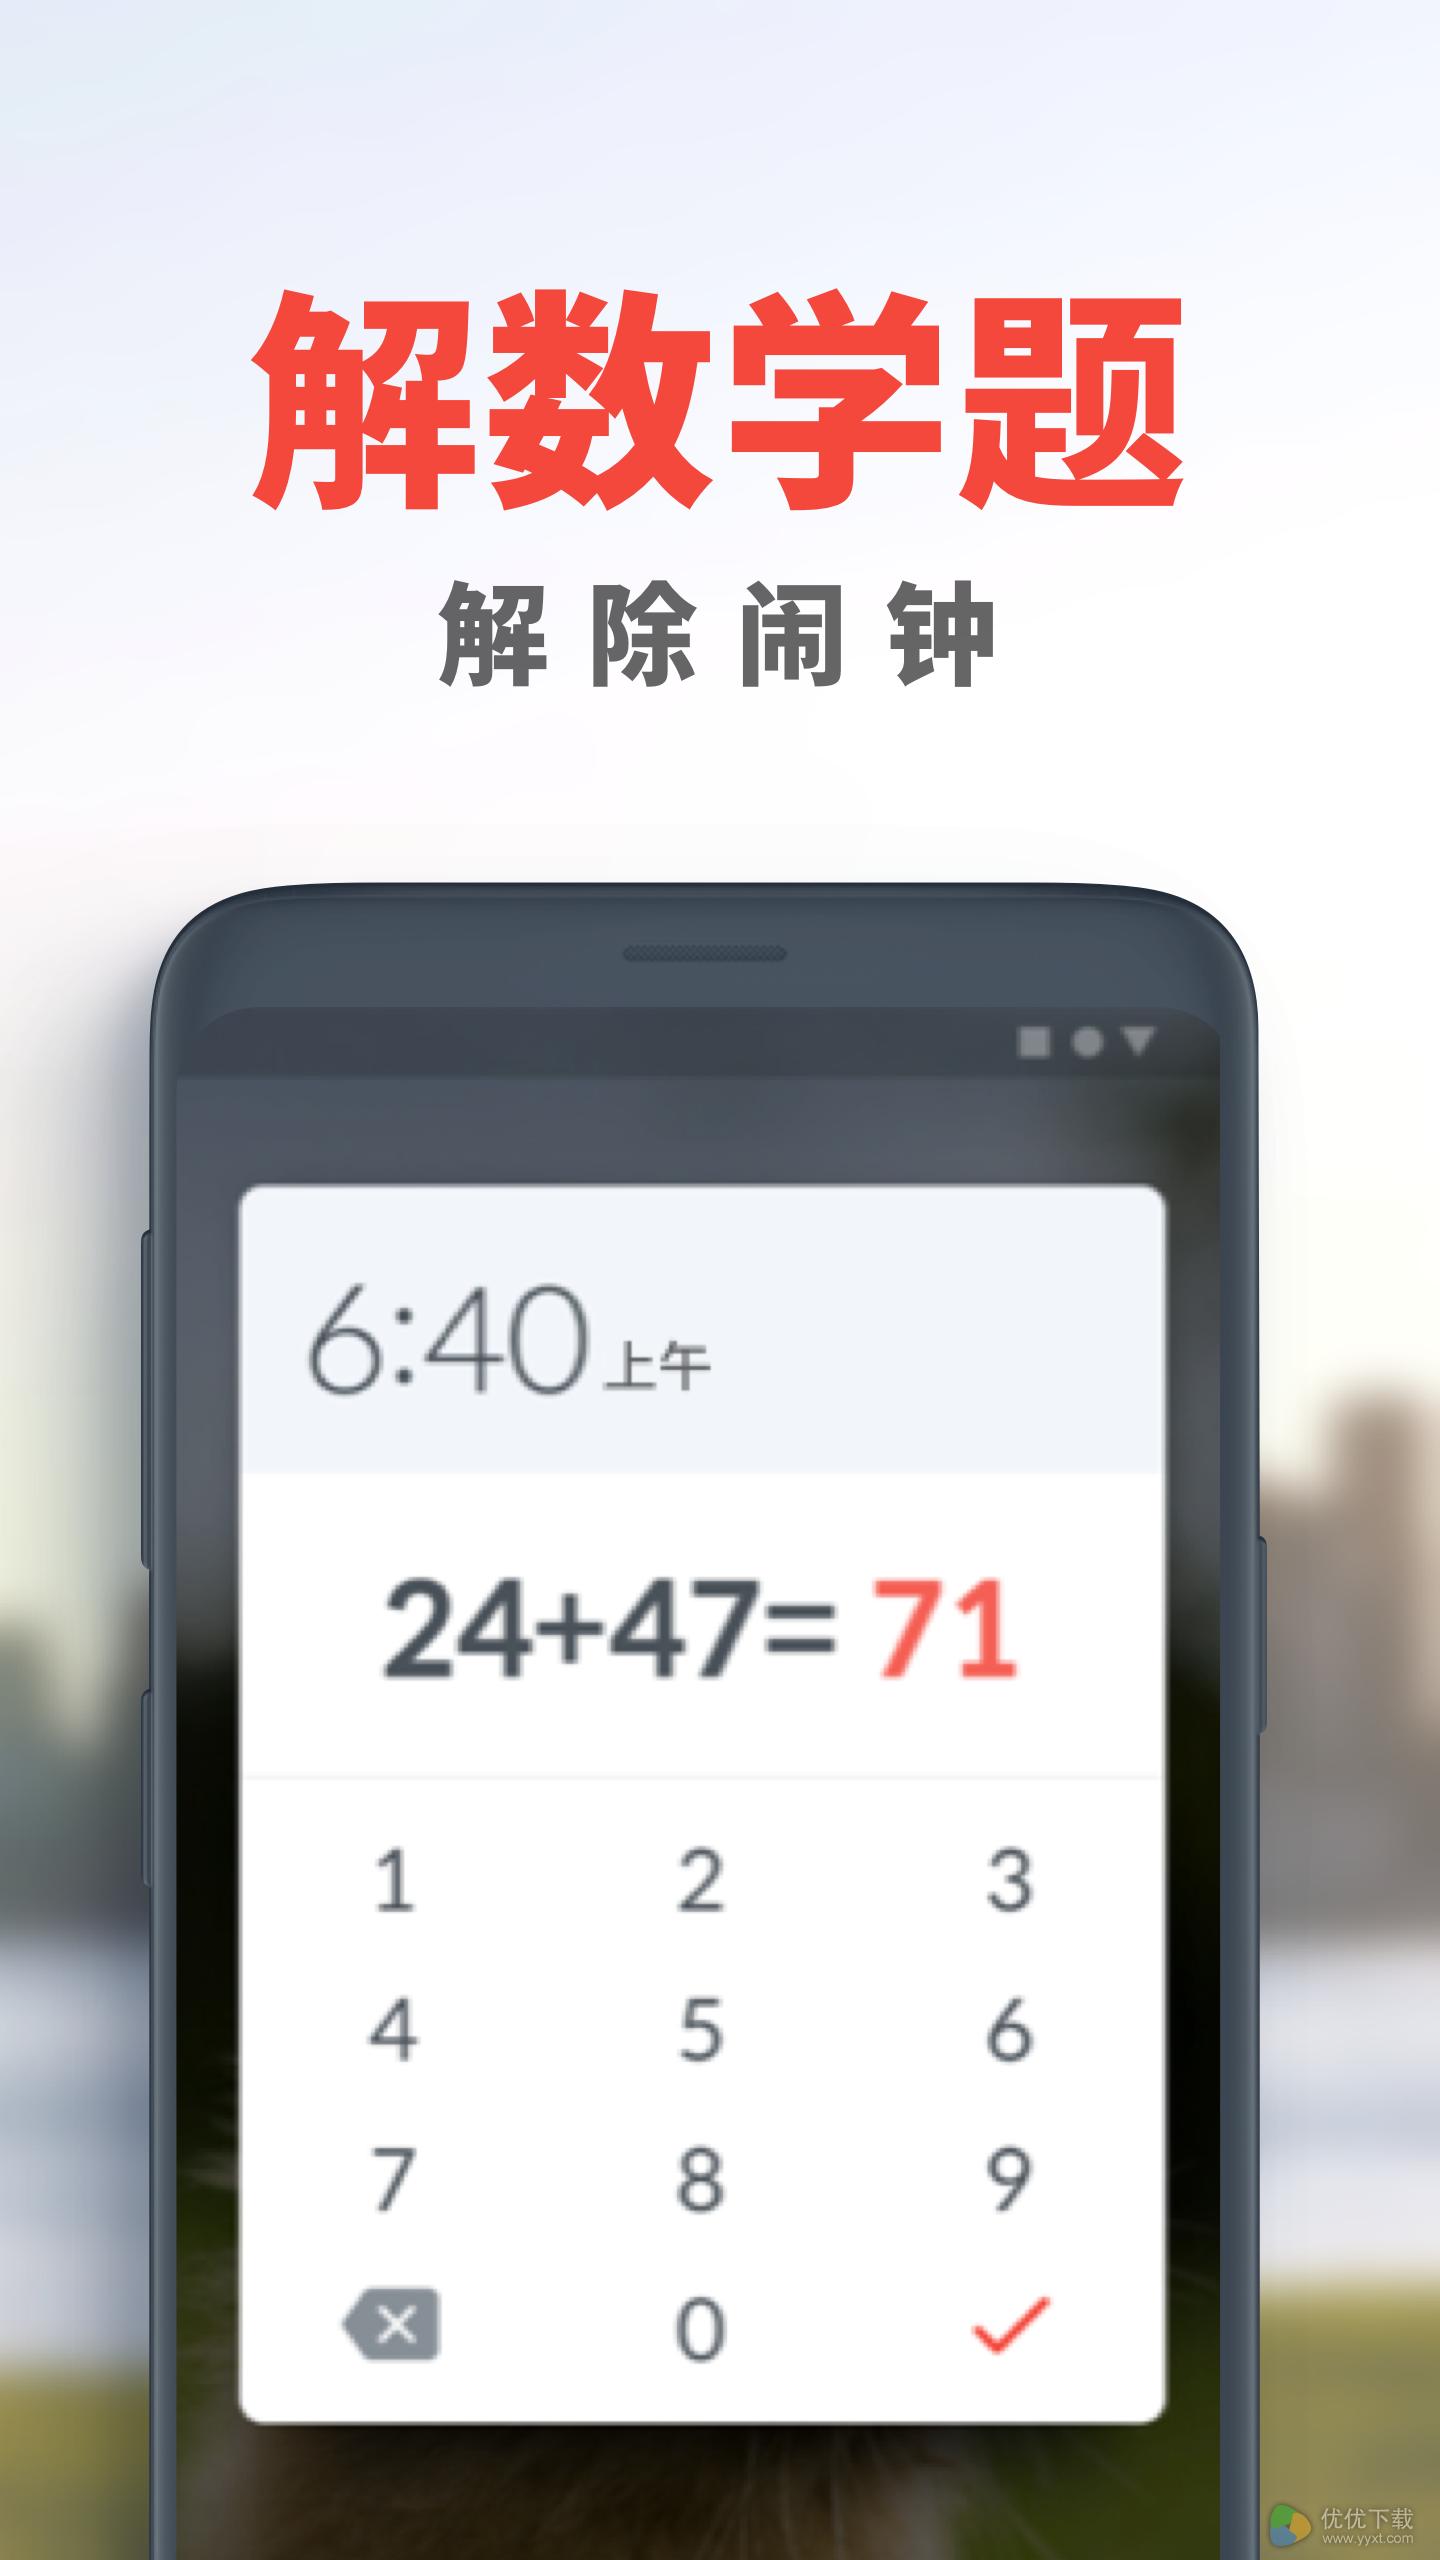 睡你妹闹钟安卓版 V44.35.24